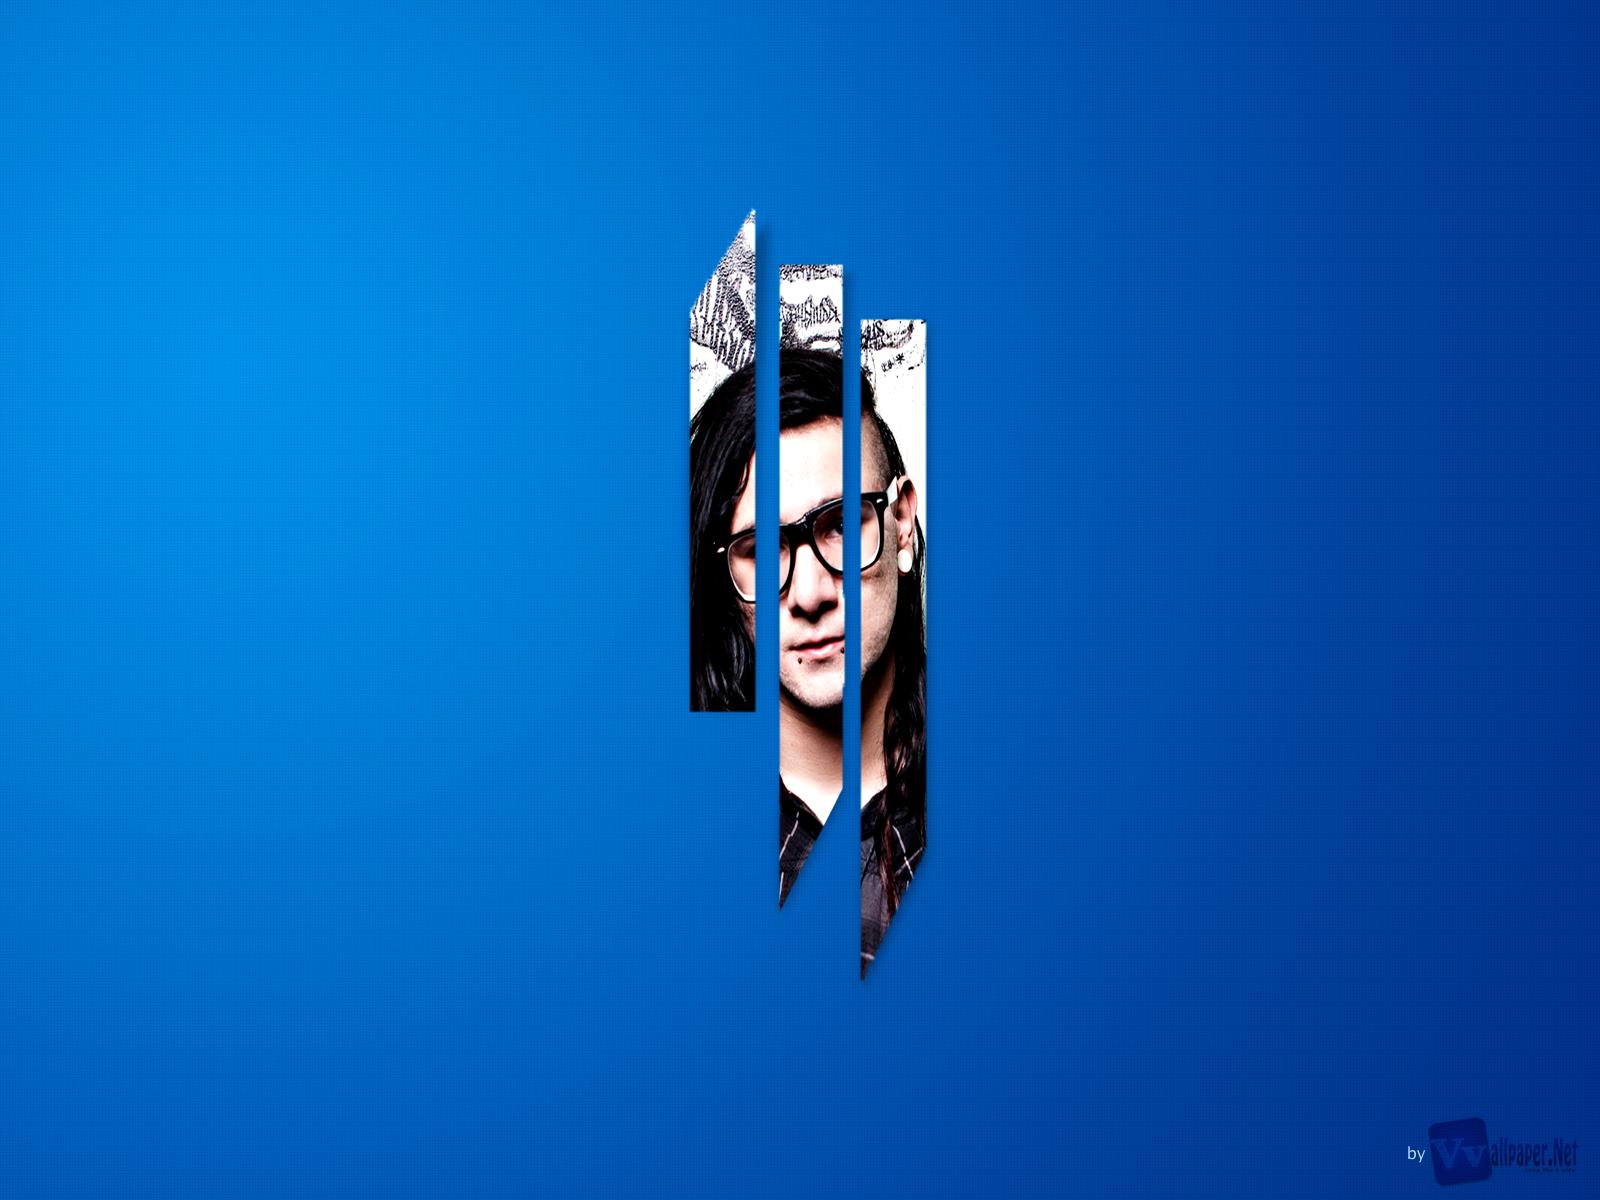 Dj Skrillex 3D Logo HD Music Wallpapers